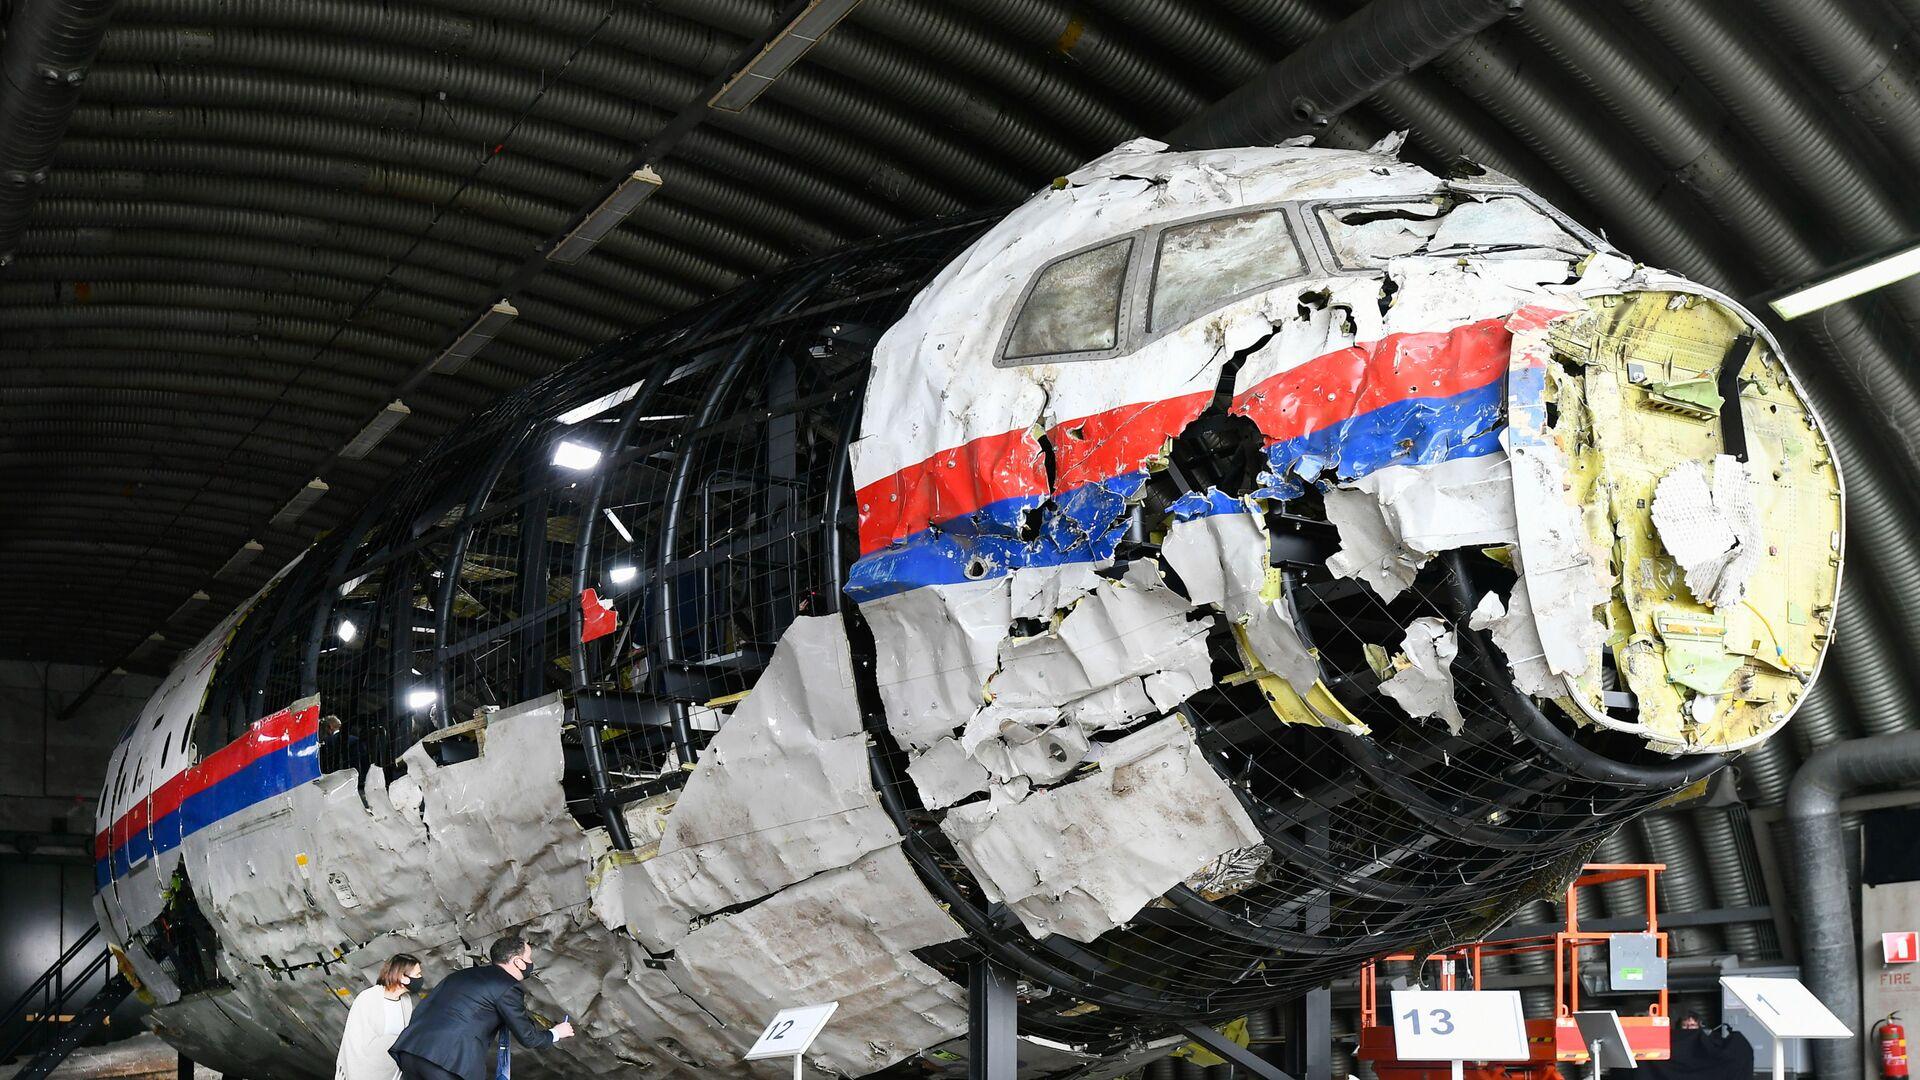 Zrekonstruowany wrak lotu MH17 Malaysia Airlines w bazie lotniczej Gilse-Reyen w Holandii - Sputnik Polska, 1920, 30.07.2021